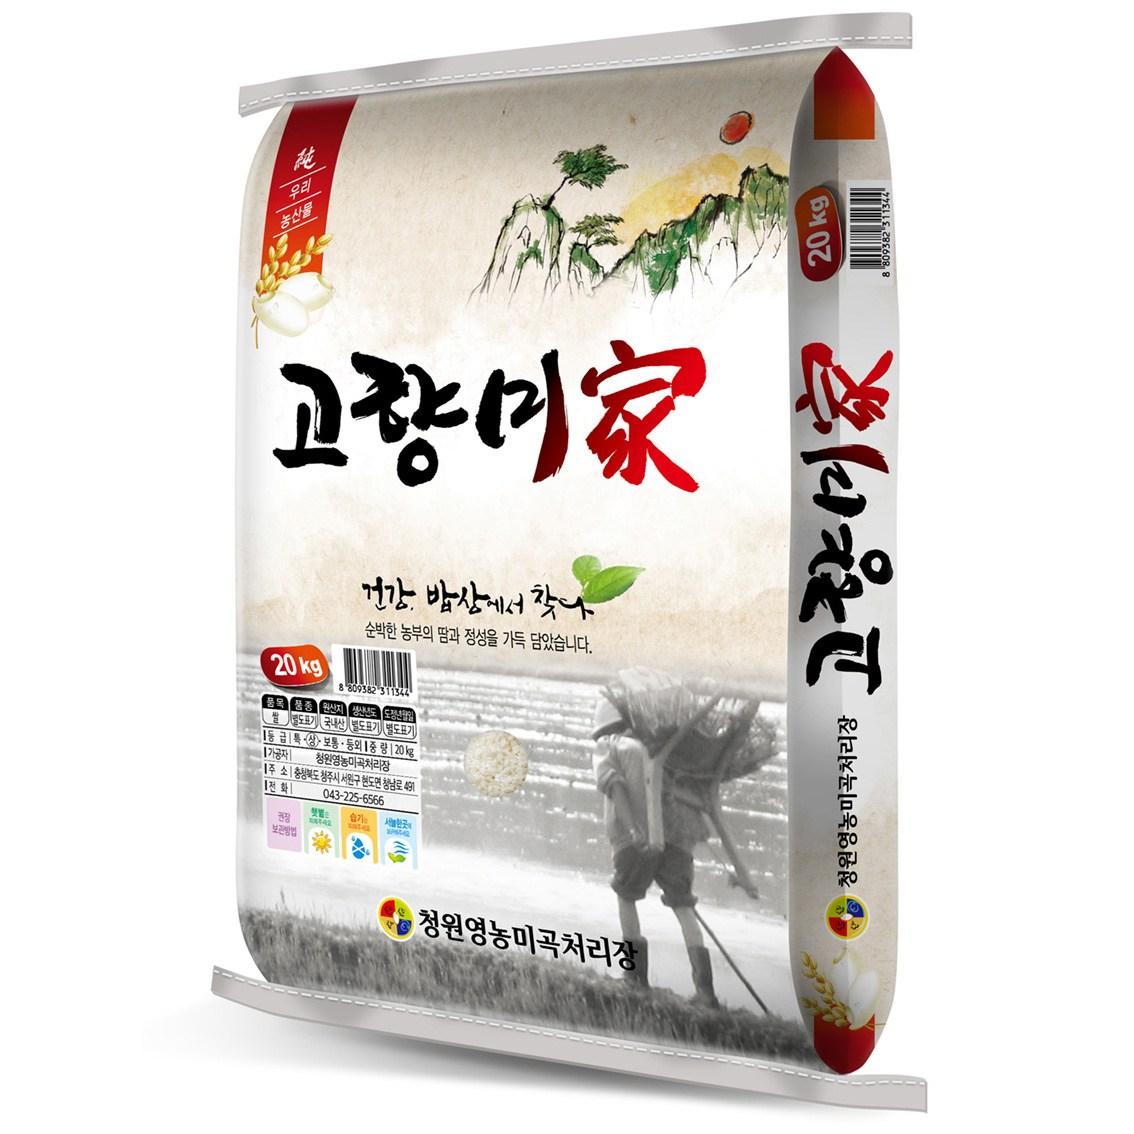 (2020년햅쌀) 당일도정 고향미가쌀 상등급, 1포, 20kg